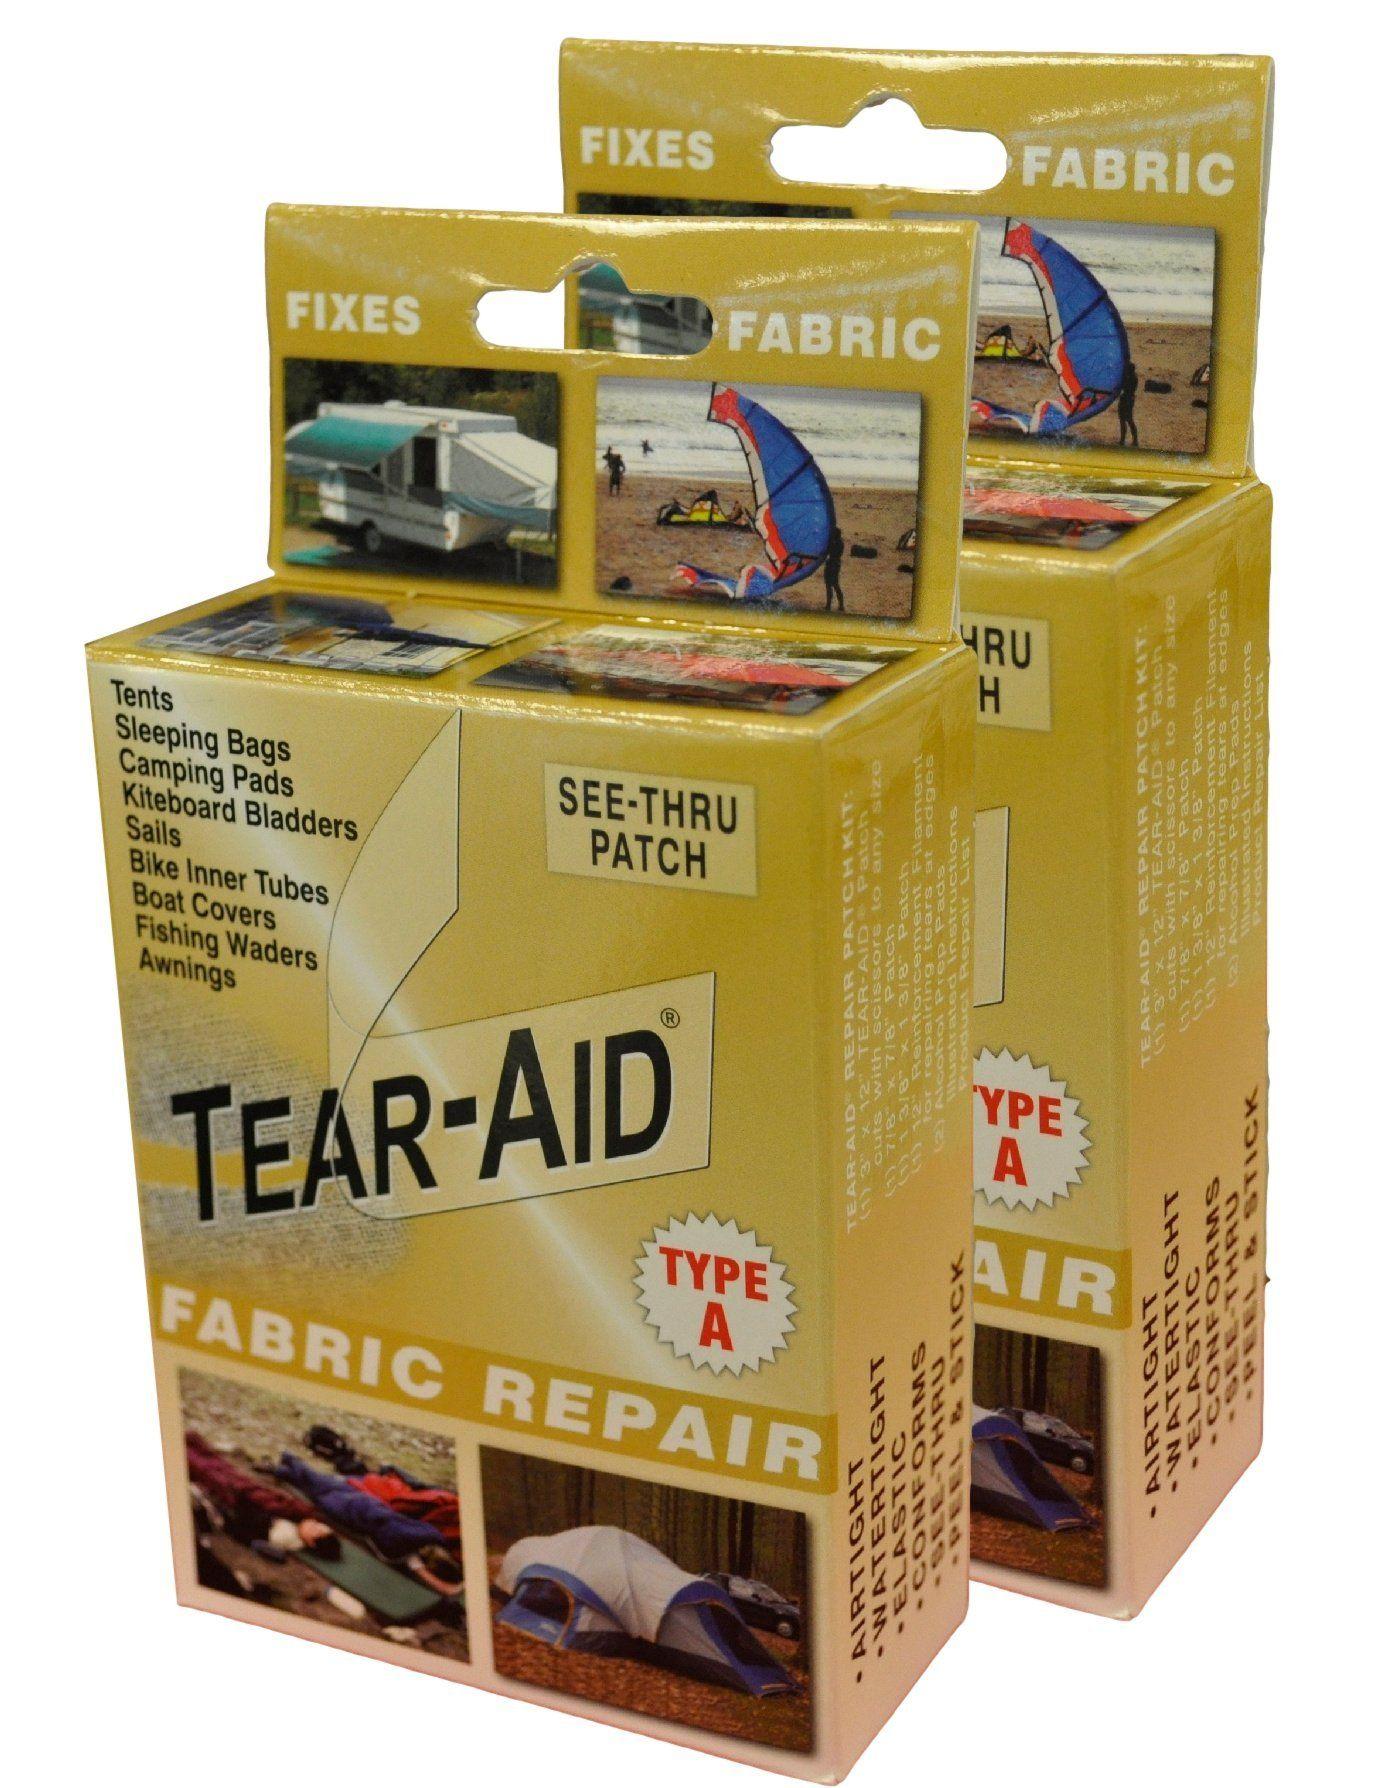 Amazon Com Tear Aid Fabric Repair Kit Gold Box Type A 2 Pack Sports Outdoors Fabric Repair Kits Camping Pad Repair